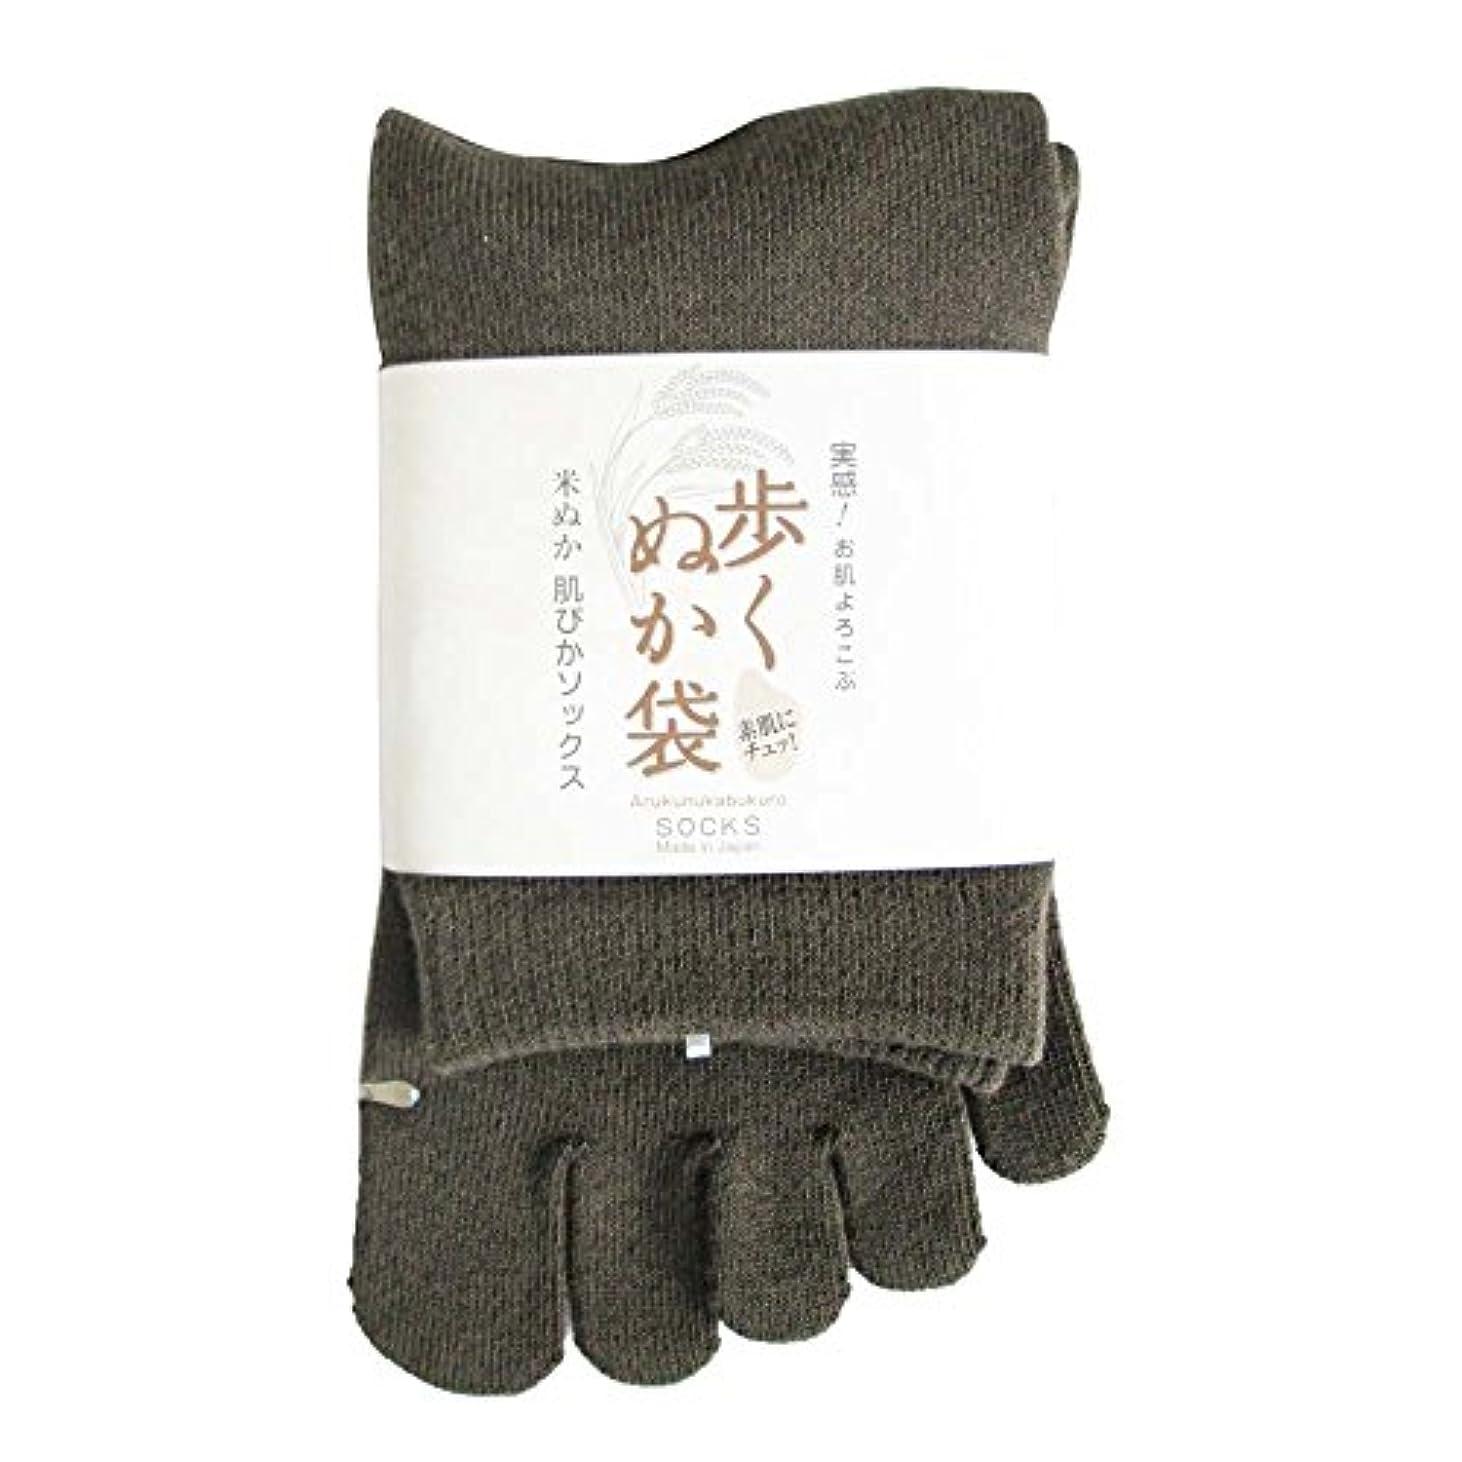 ホーンけがをするコンパス歩くぬか袋 米ぬかシリコン五本指 23-25cm ブラウン